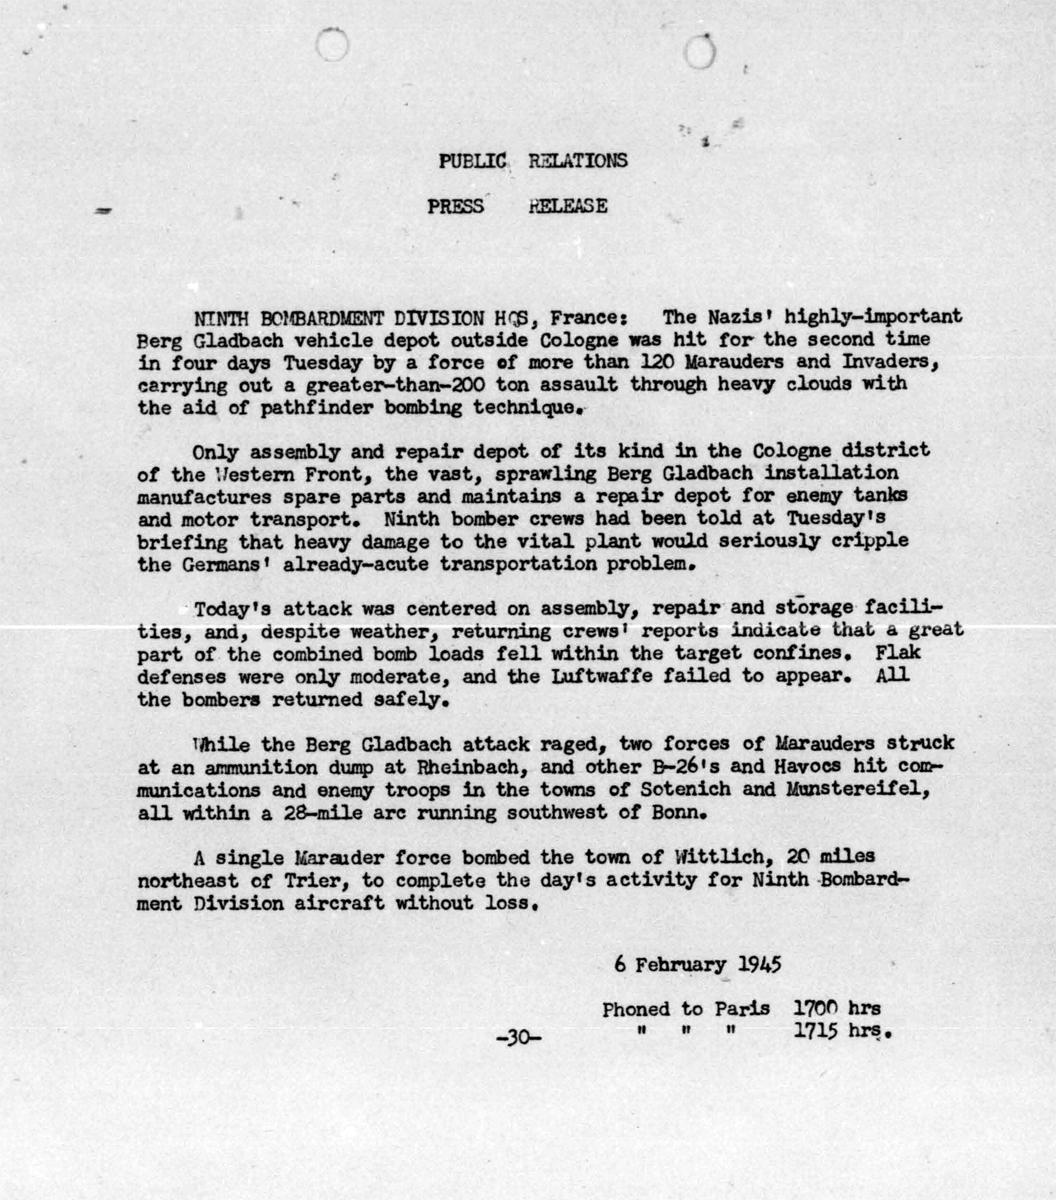 Feb 6, 1945 press release